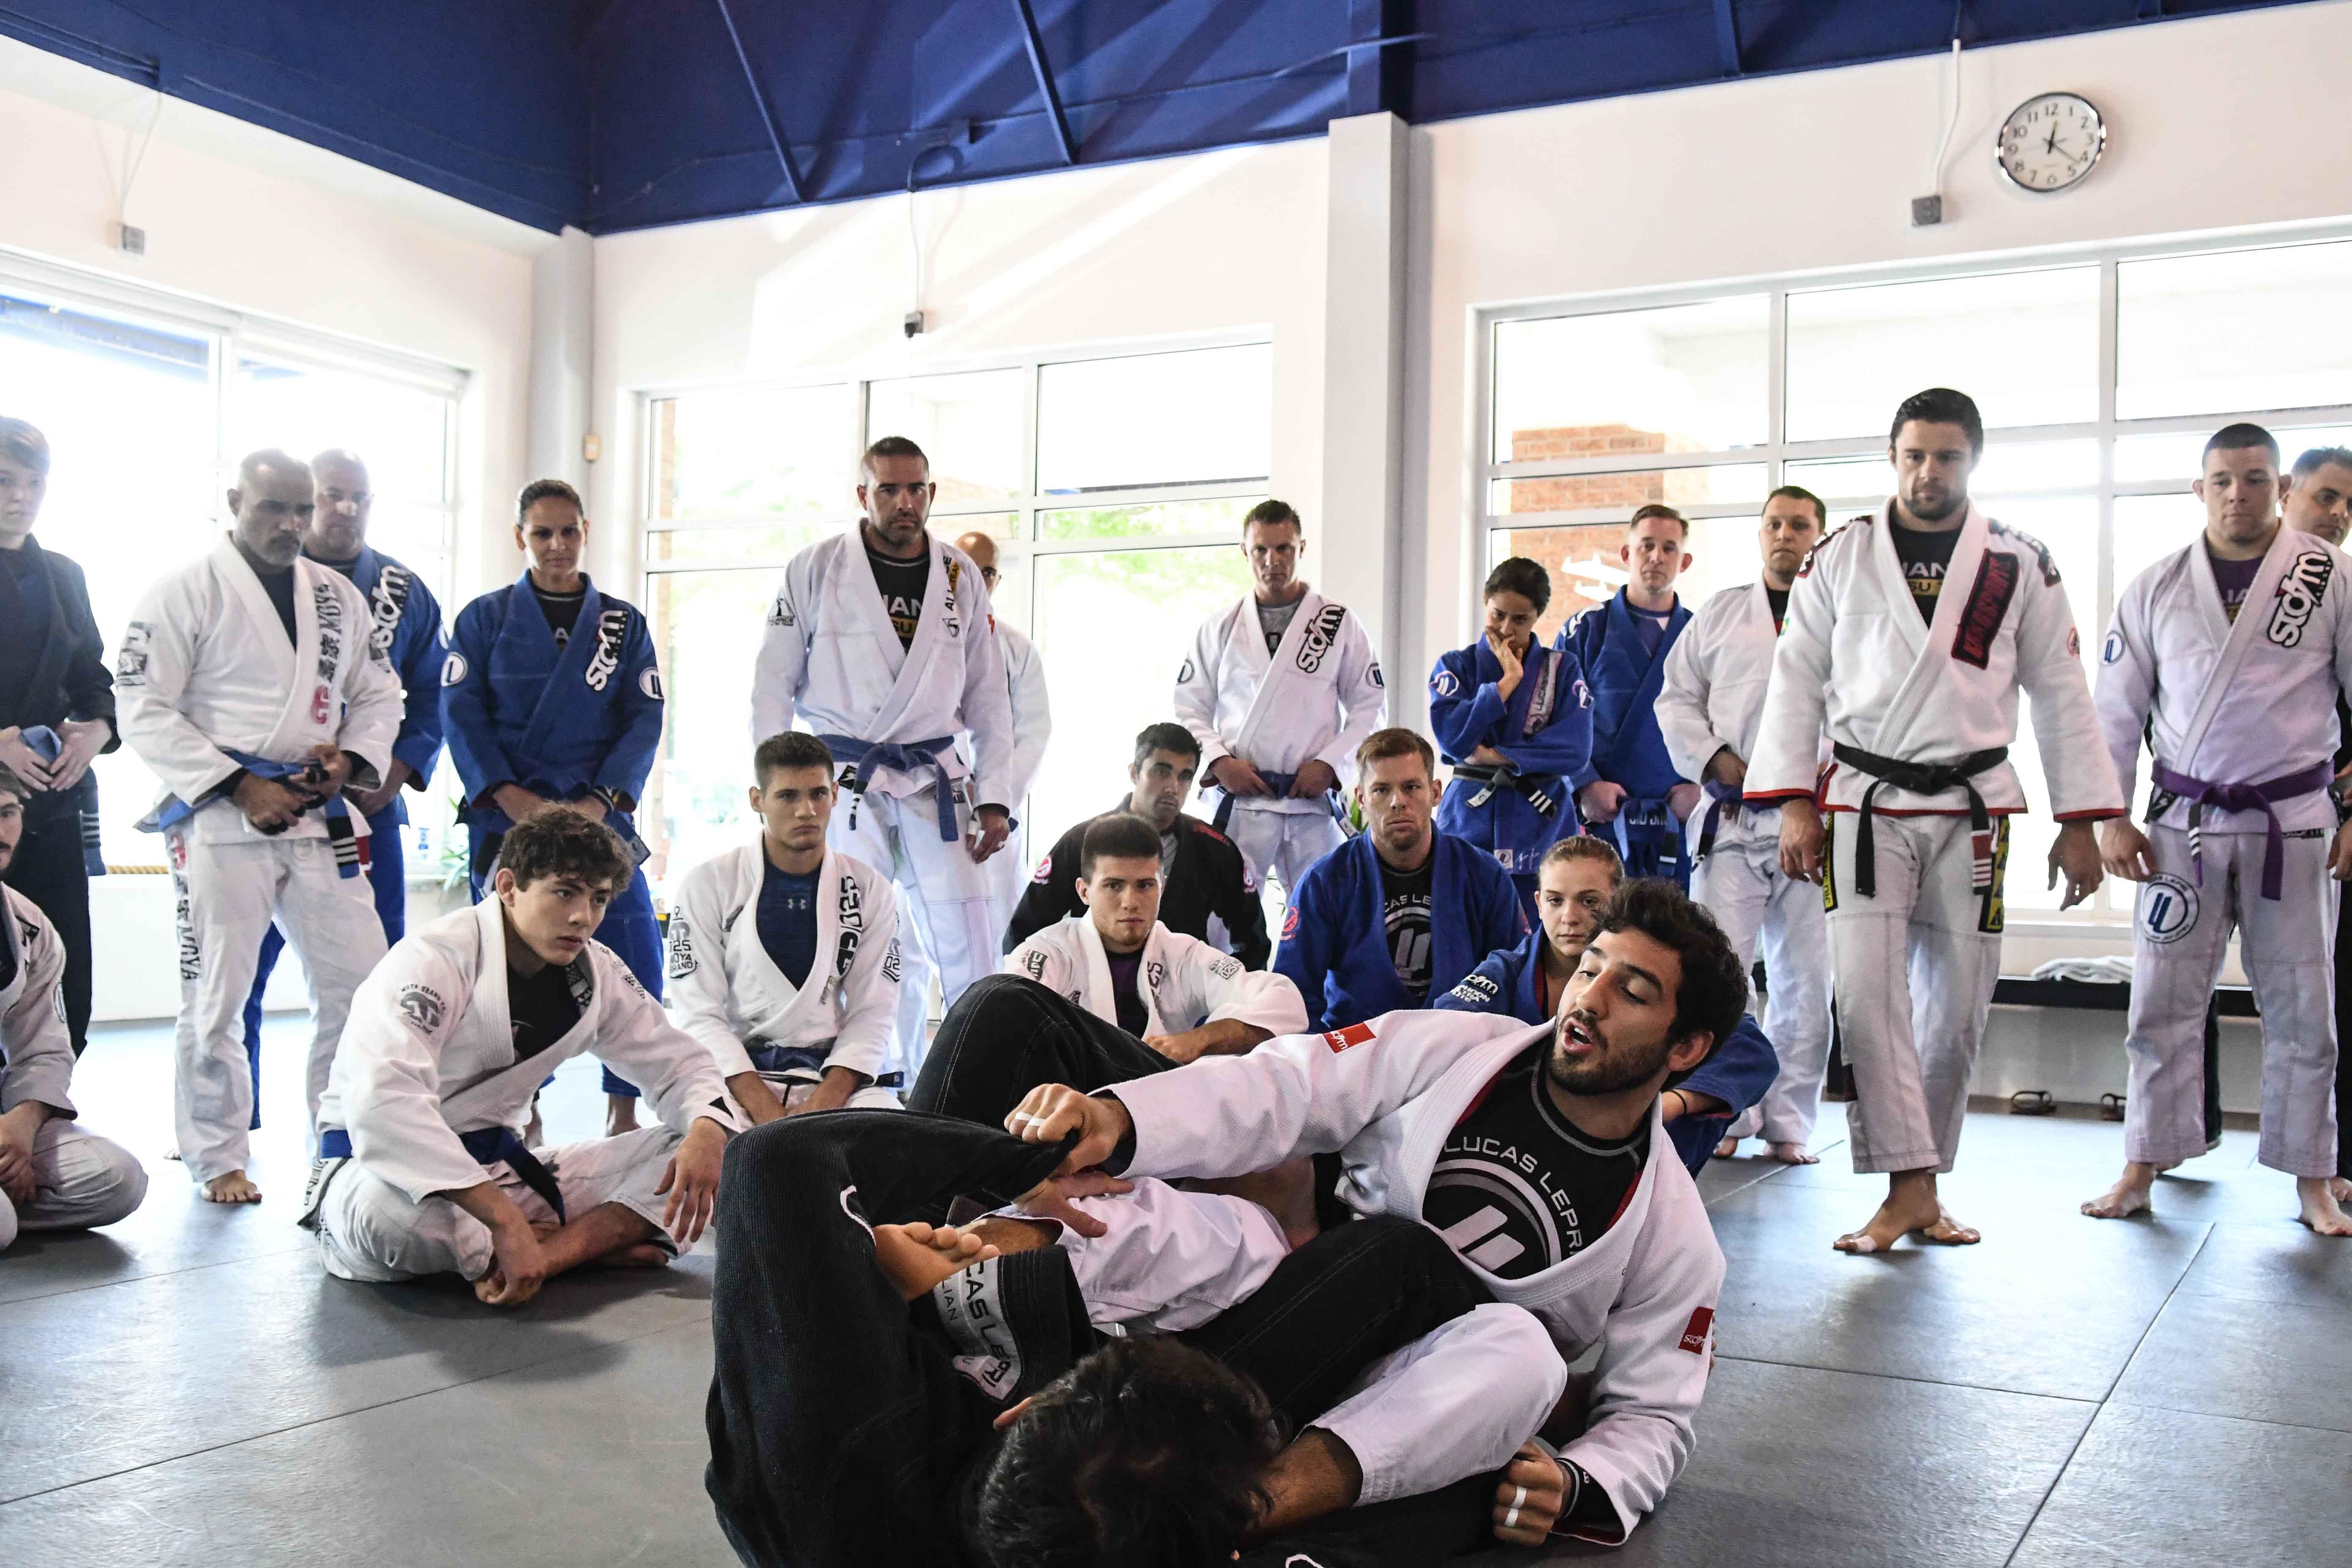 Brazilian Jiu Jitsu | Lucas Lepri Brazilian Jiu Jitsu